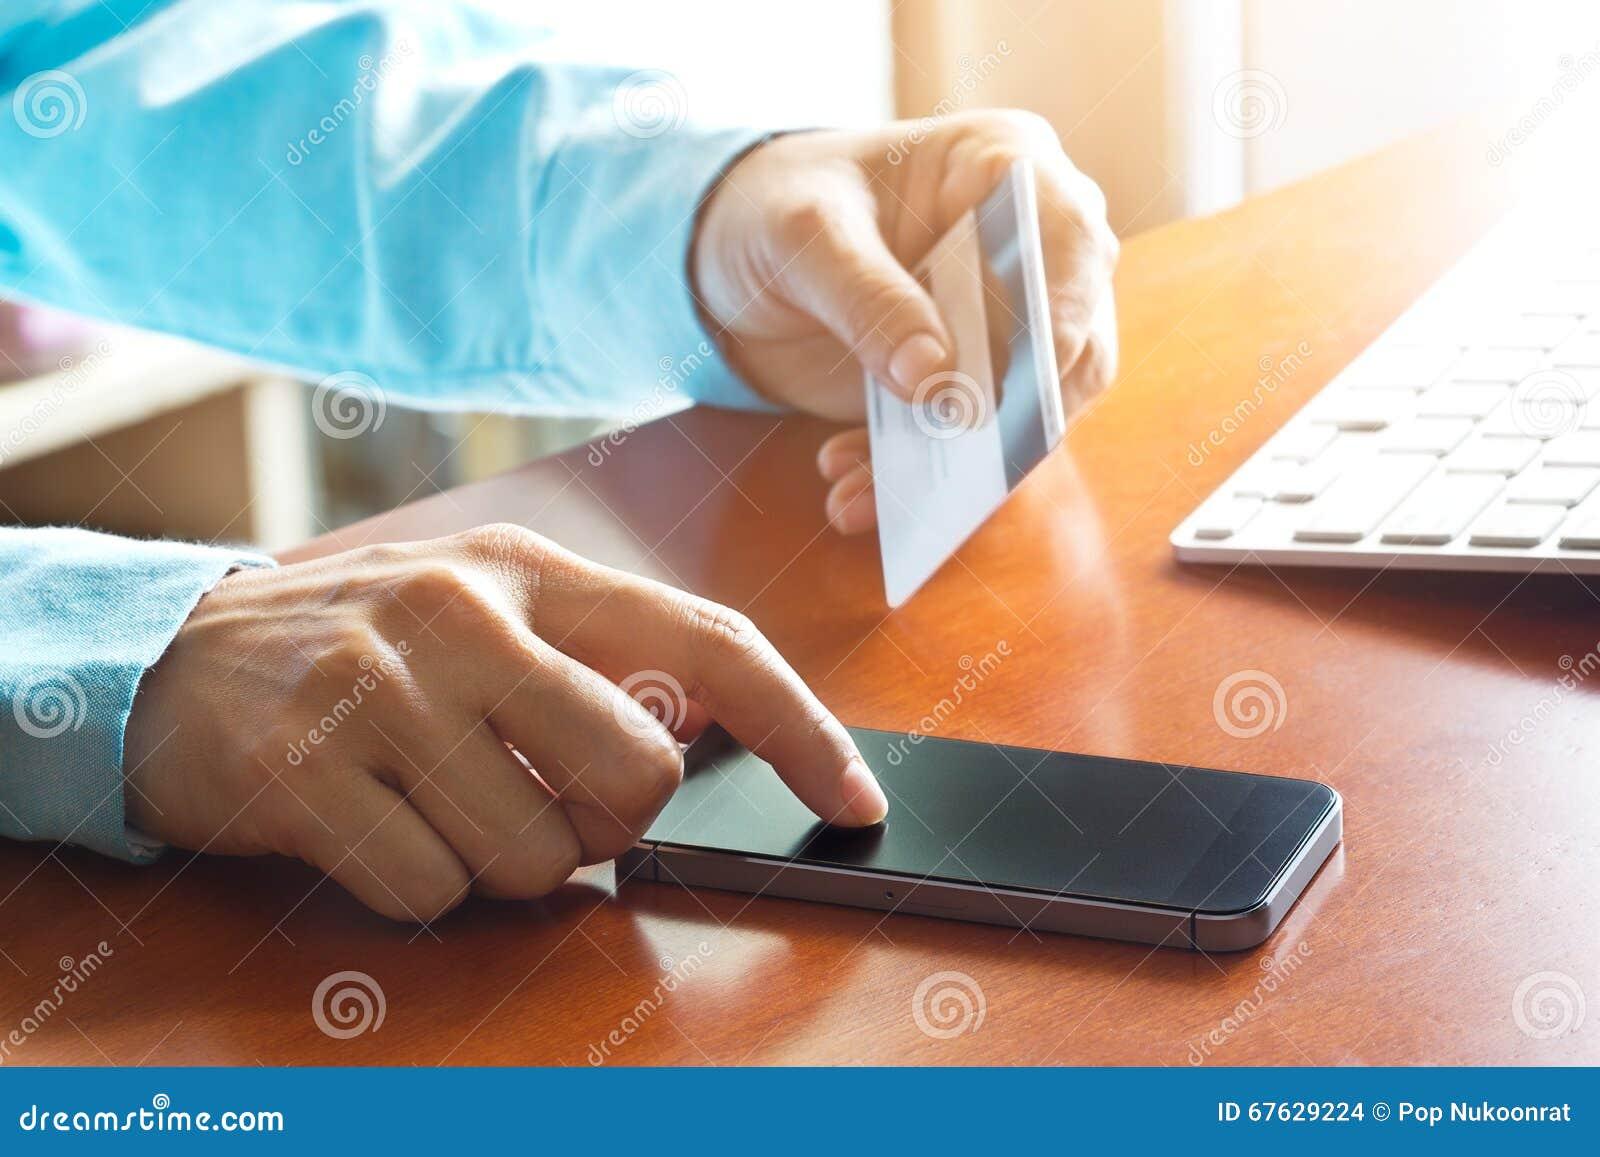 Paiements mobiles, utilisant le smartphone et la carte de crédit pour des achats en ligne